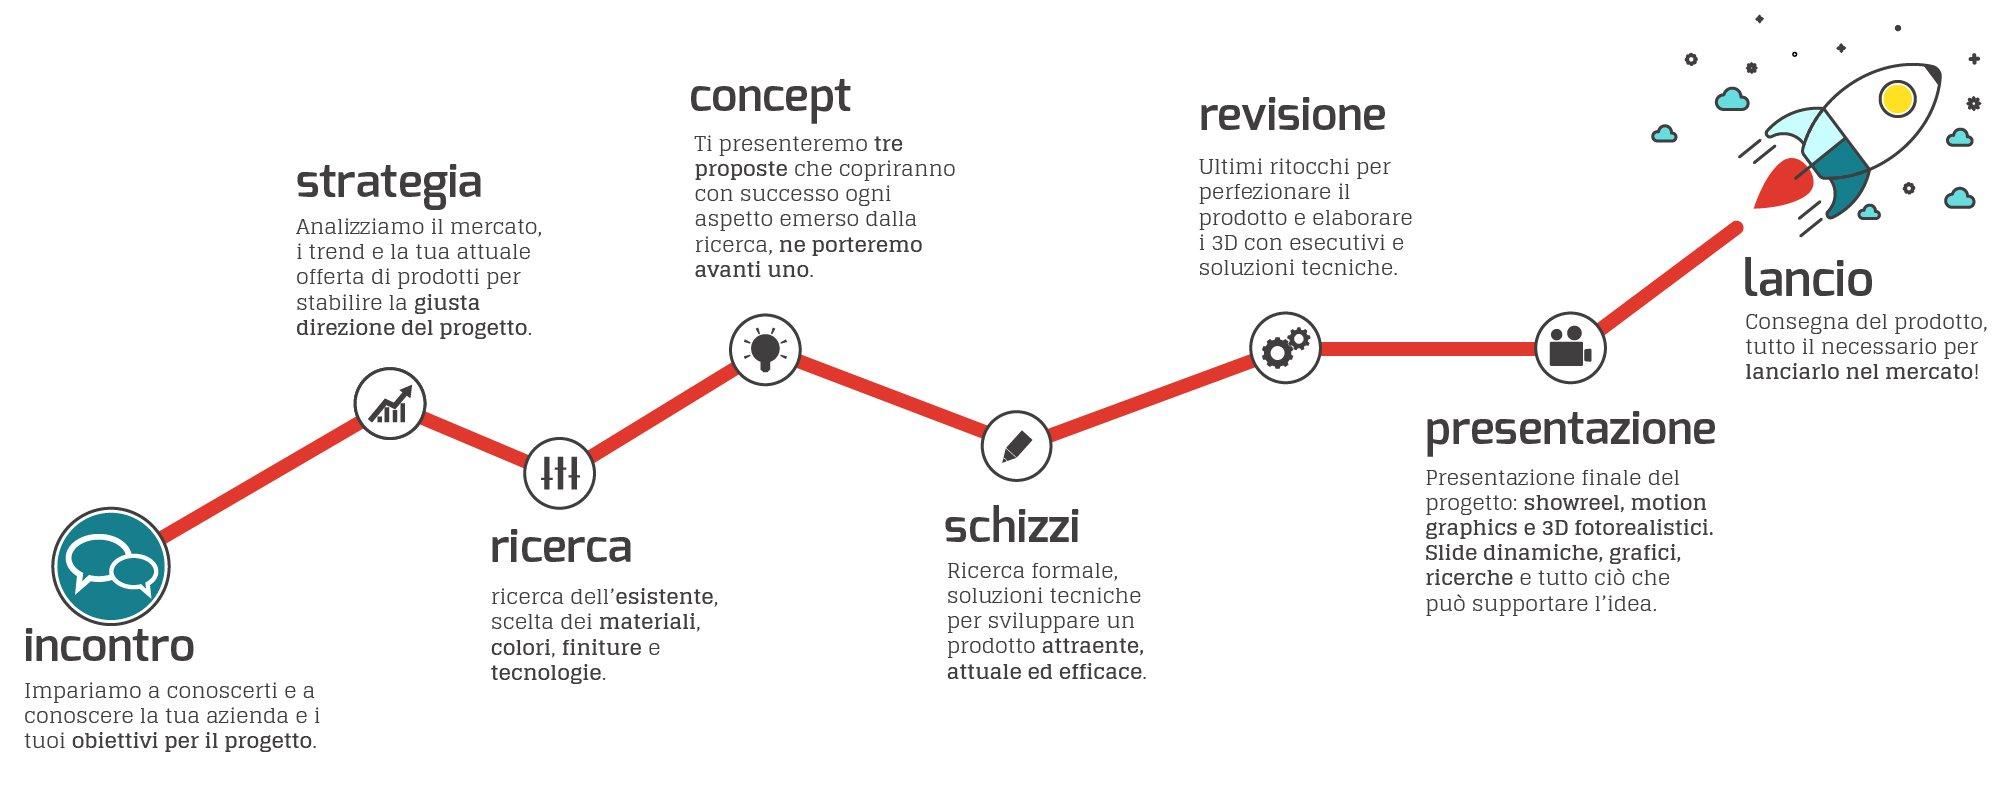 infografica-processo-creativo-marcello-cannarsa-product-designer